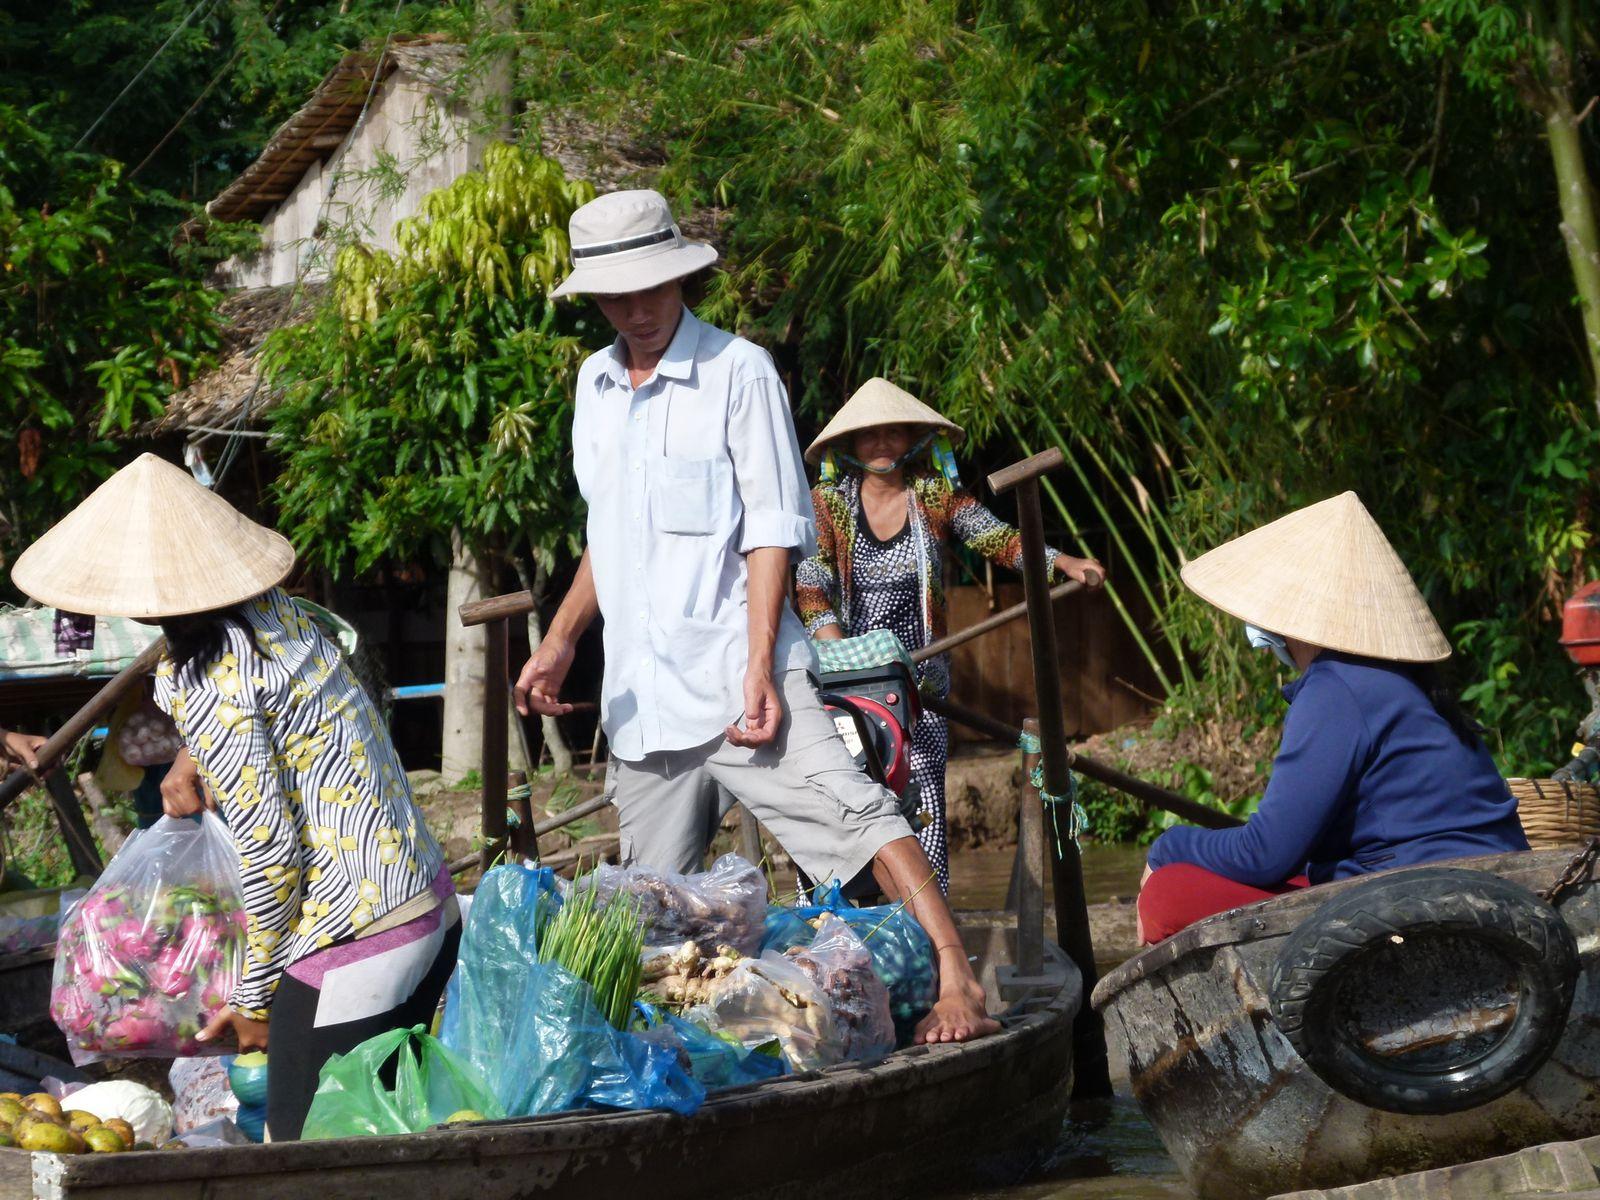 24eme jour… de Can tho à Sai Gon pour retour à la case départ : Hanoi